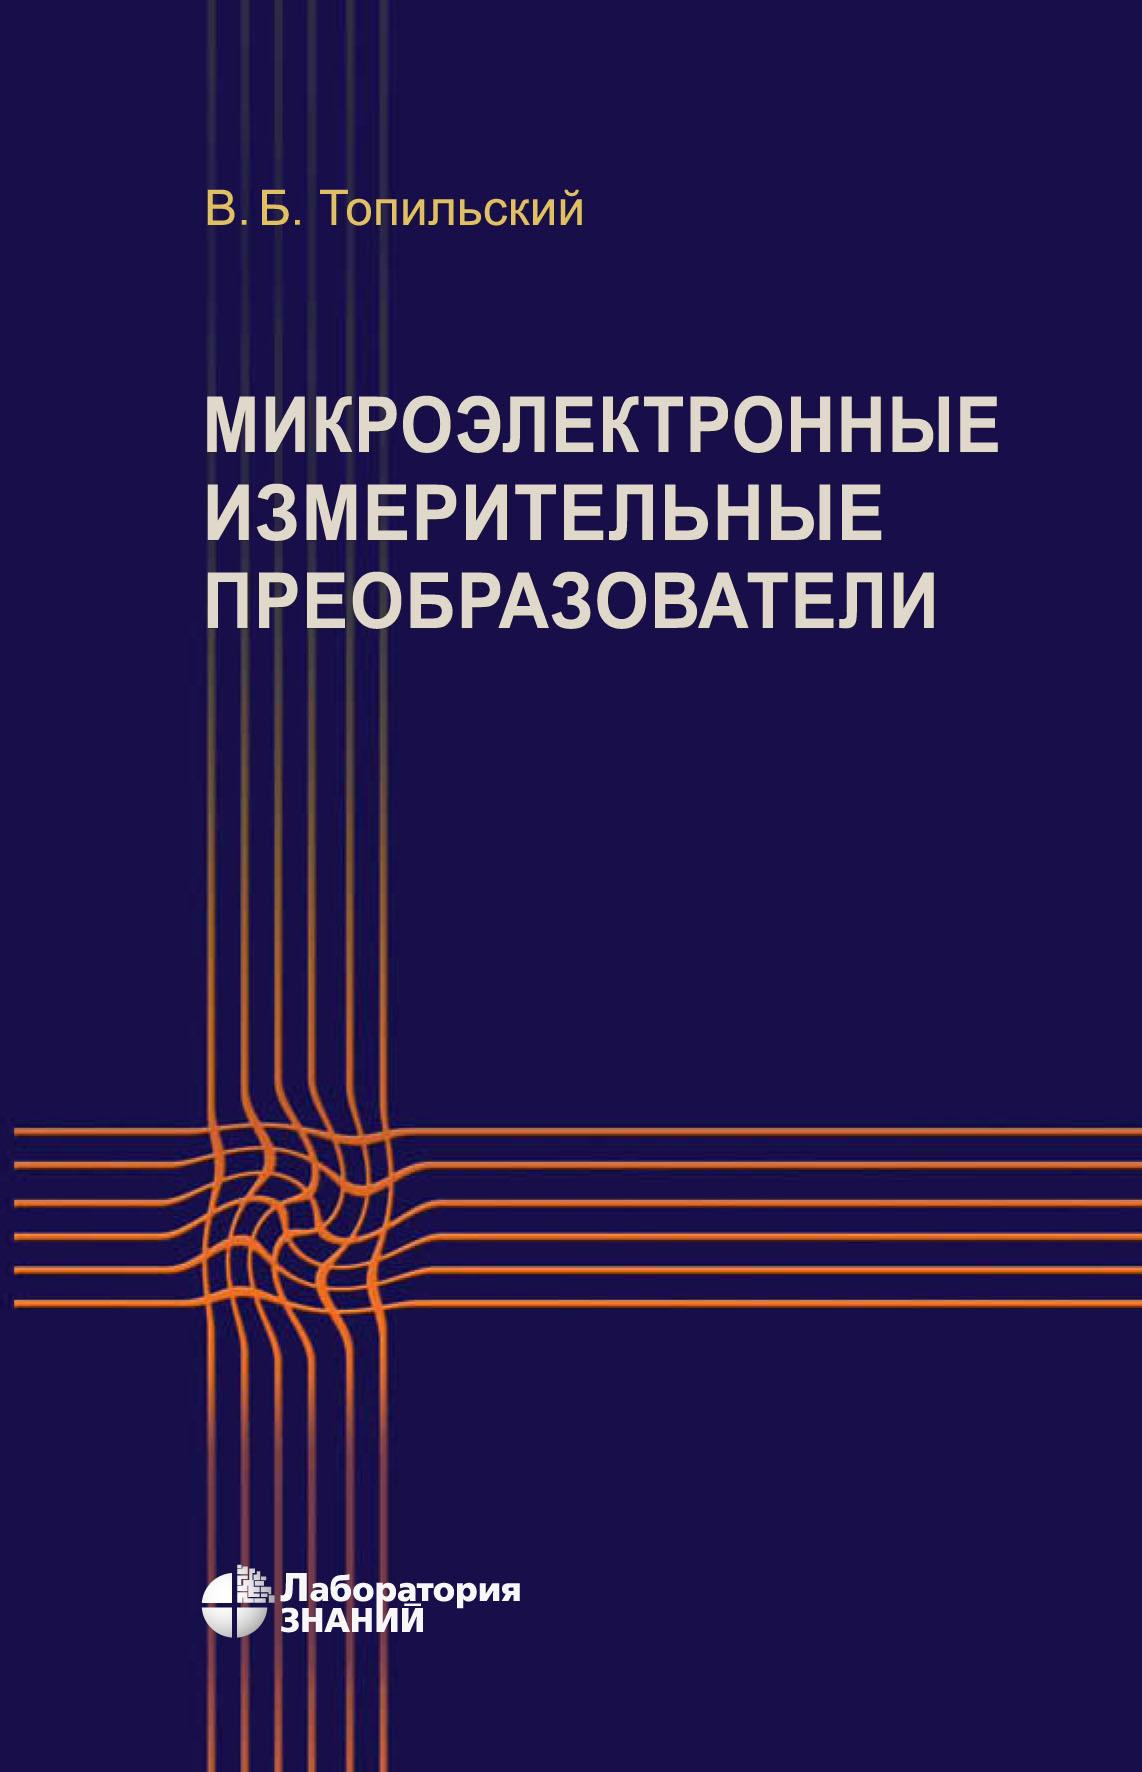 В. Б. Топильский Микроэлектронные измерительные преобразователи